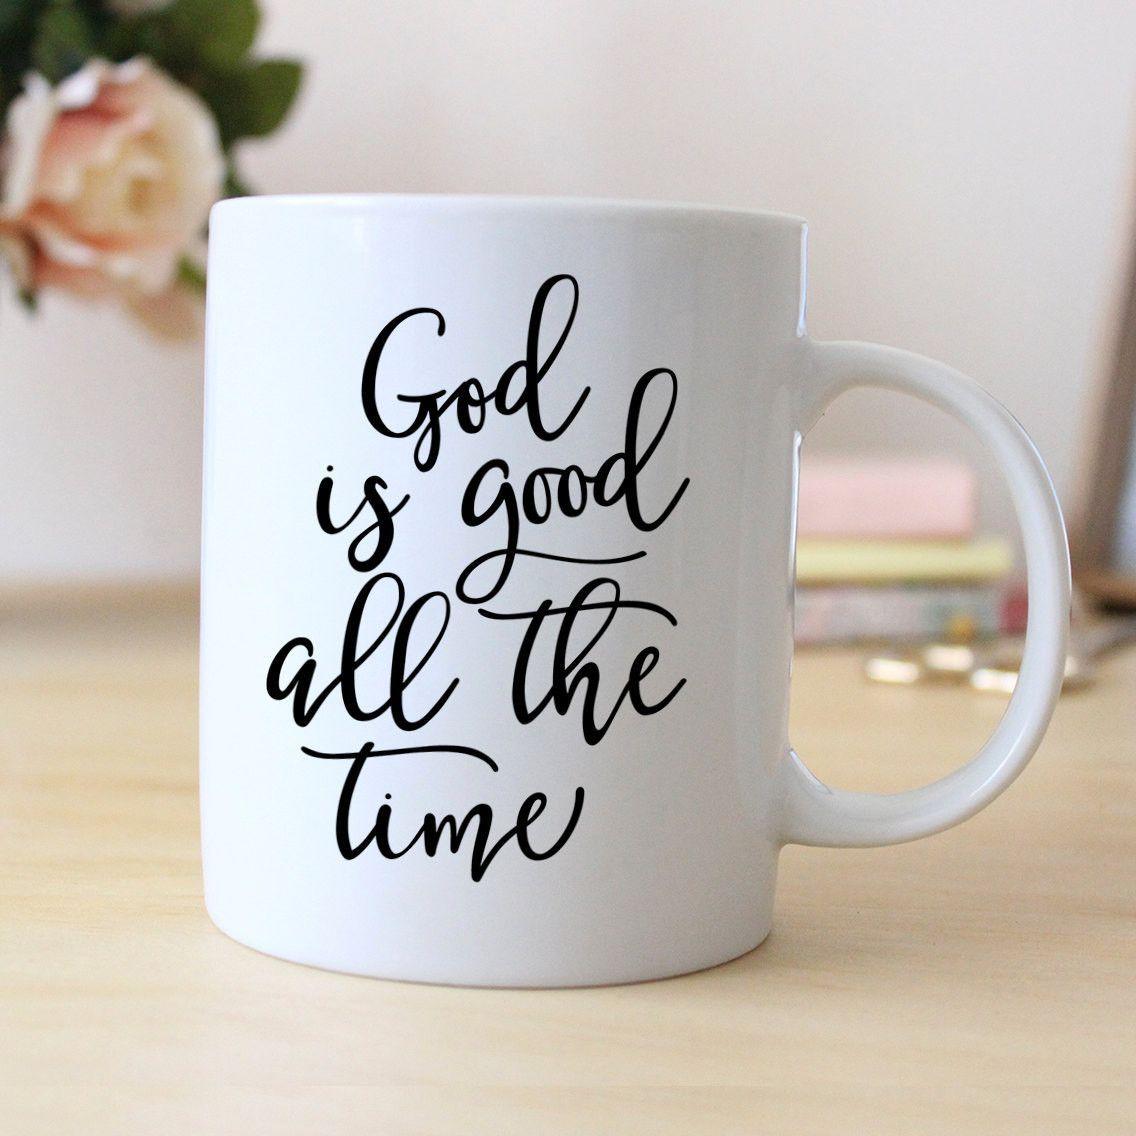 God is good all the time mug coffee mug tea mug